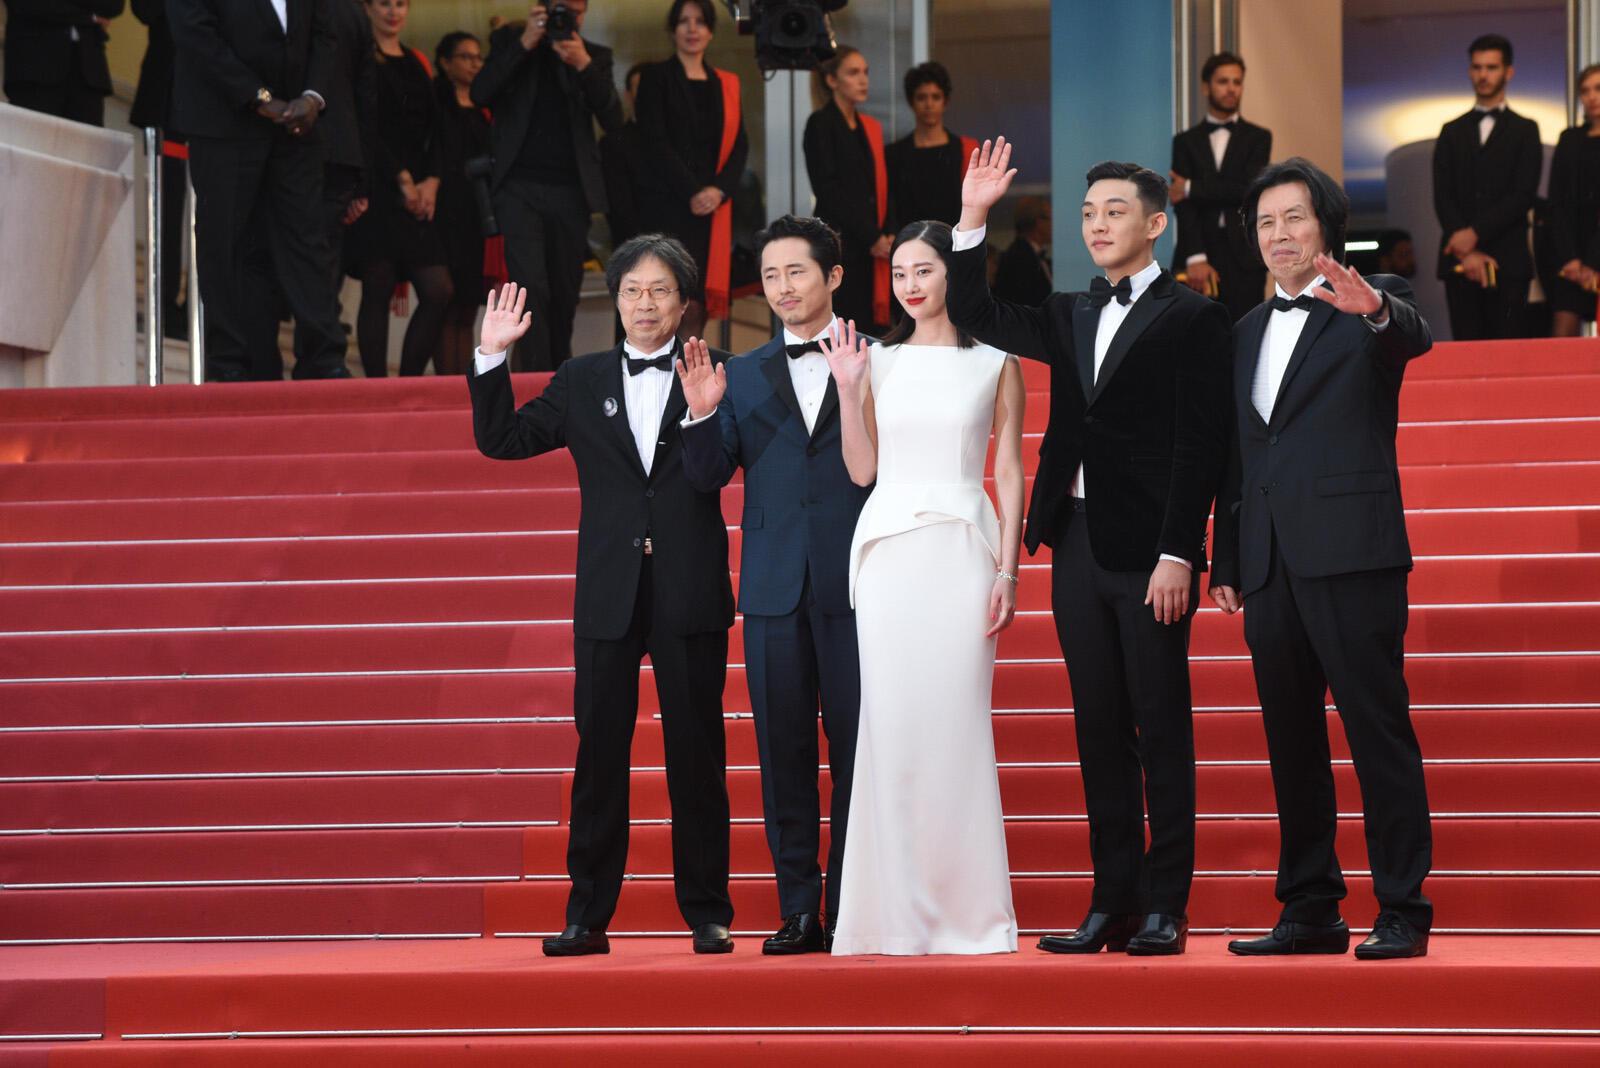 El director surcoreano Lee Chang-Dong, a la derecha y su equipo posan arriba de los escalones antes de la proyección de 'Burning'.